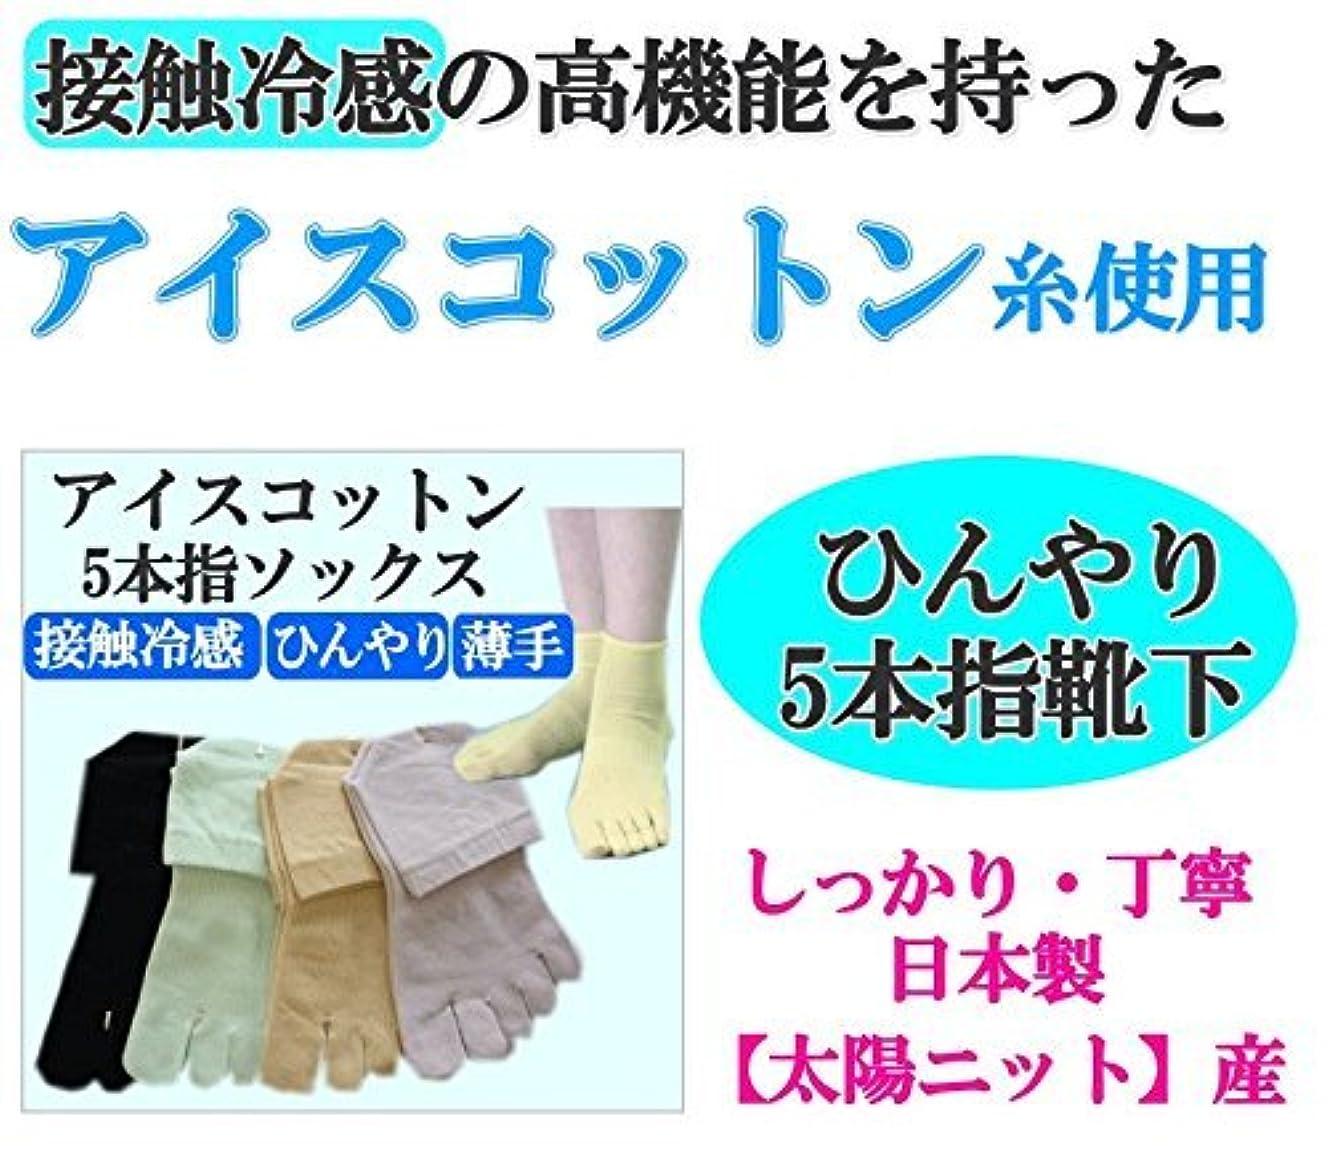 意義超えて生む女性用 綿100糸使用 薄手 接触冷感 5本指 ソックス ひんやり 22-24cm 太陽ニット (ベージュ)